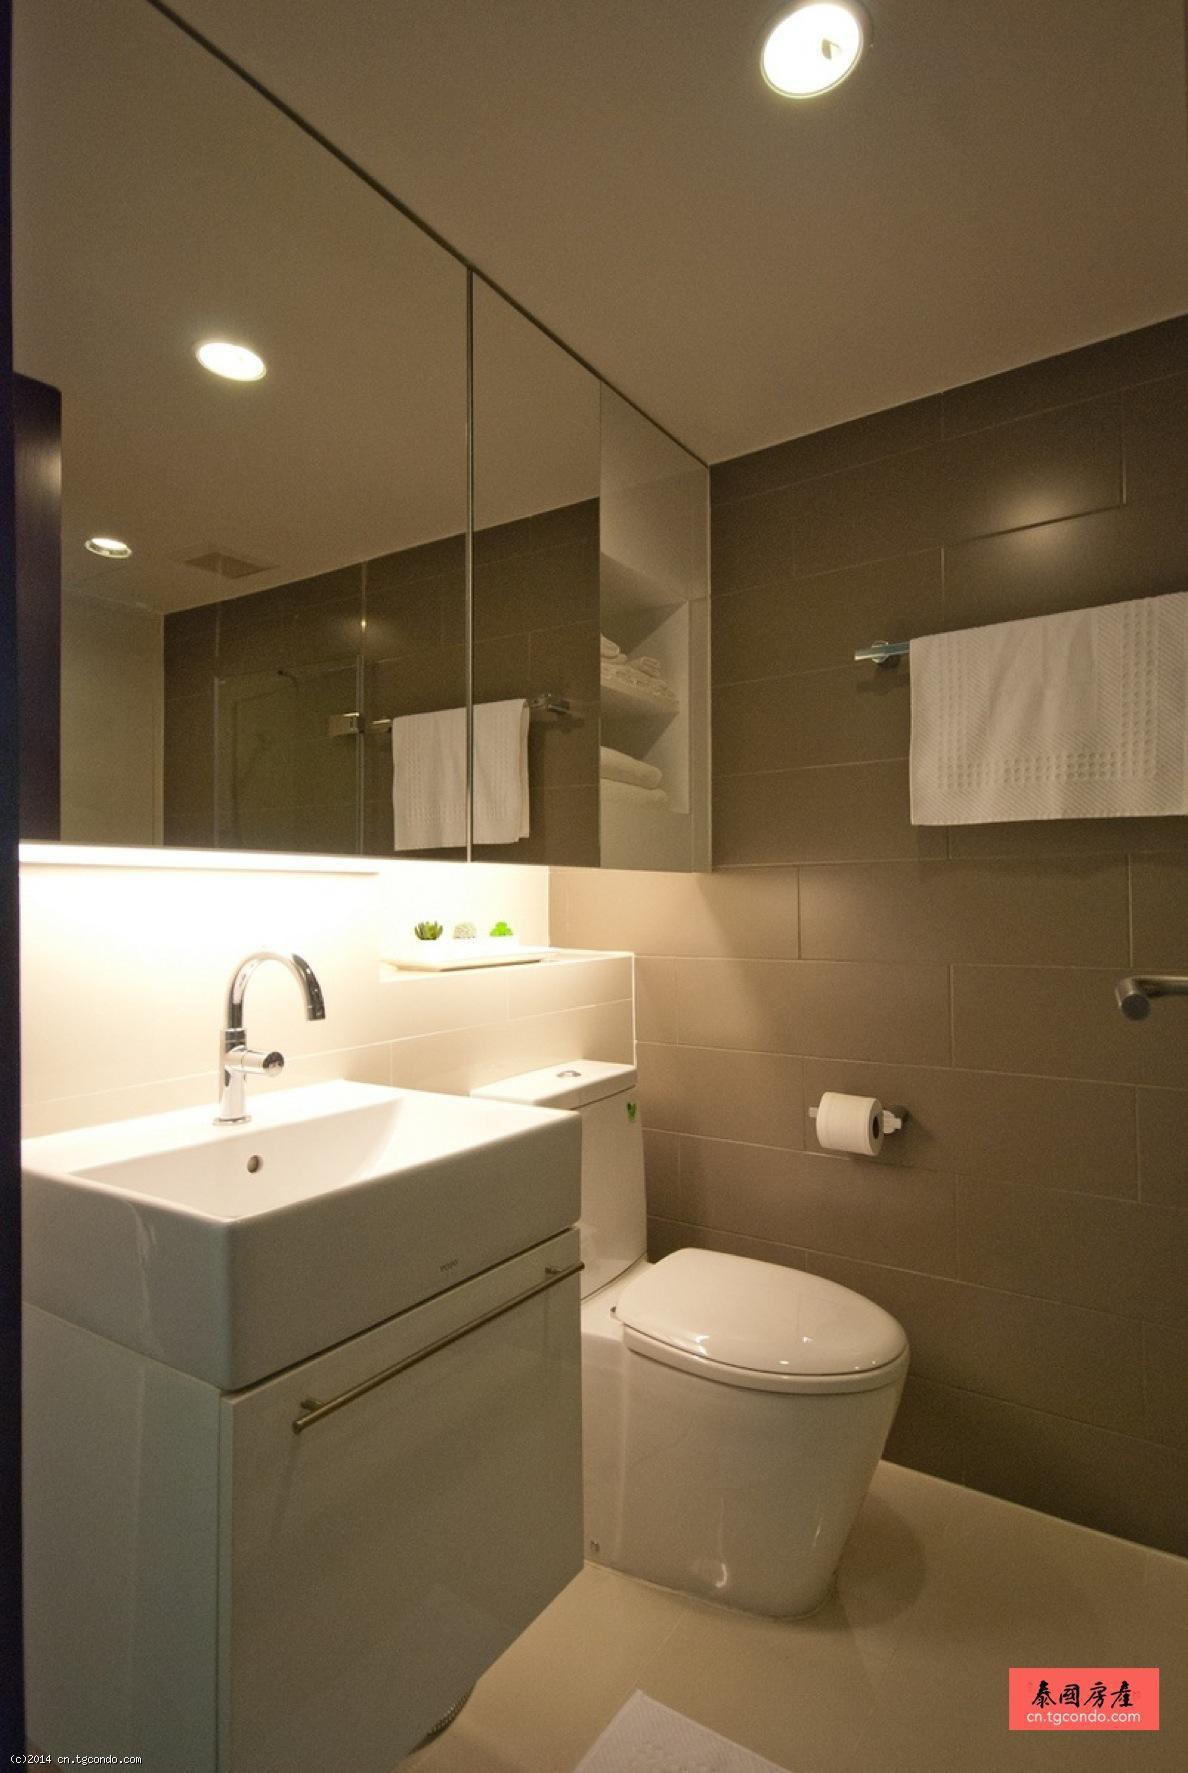 泰国曼谷日本街Loft复式公寓 Ashton Morph 38   泰国房产网